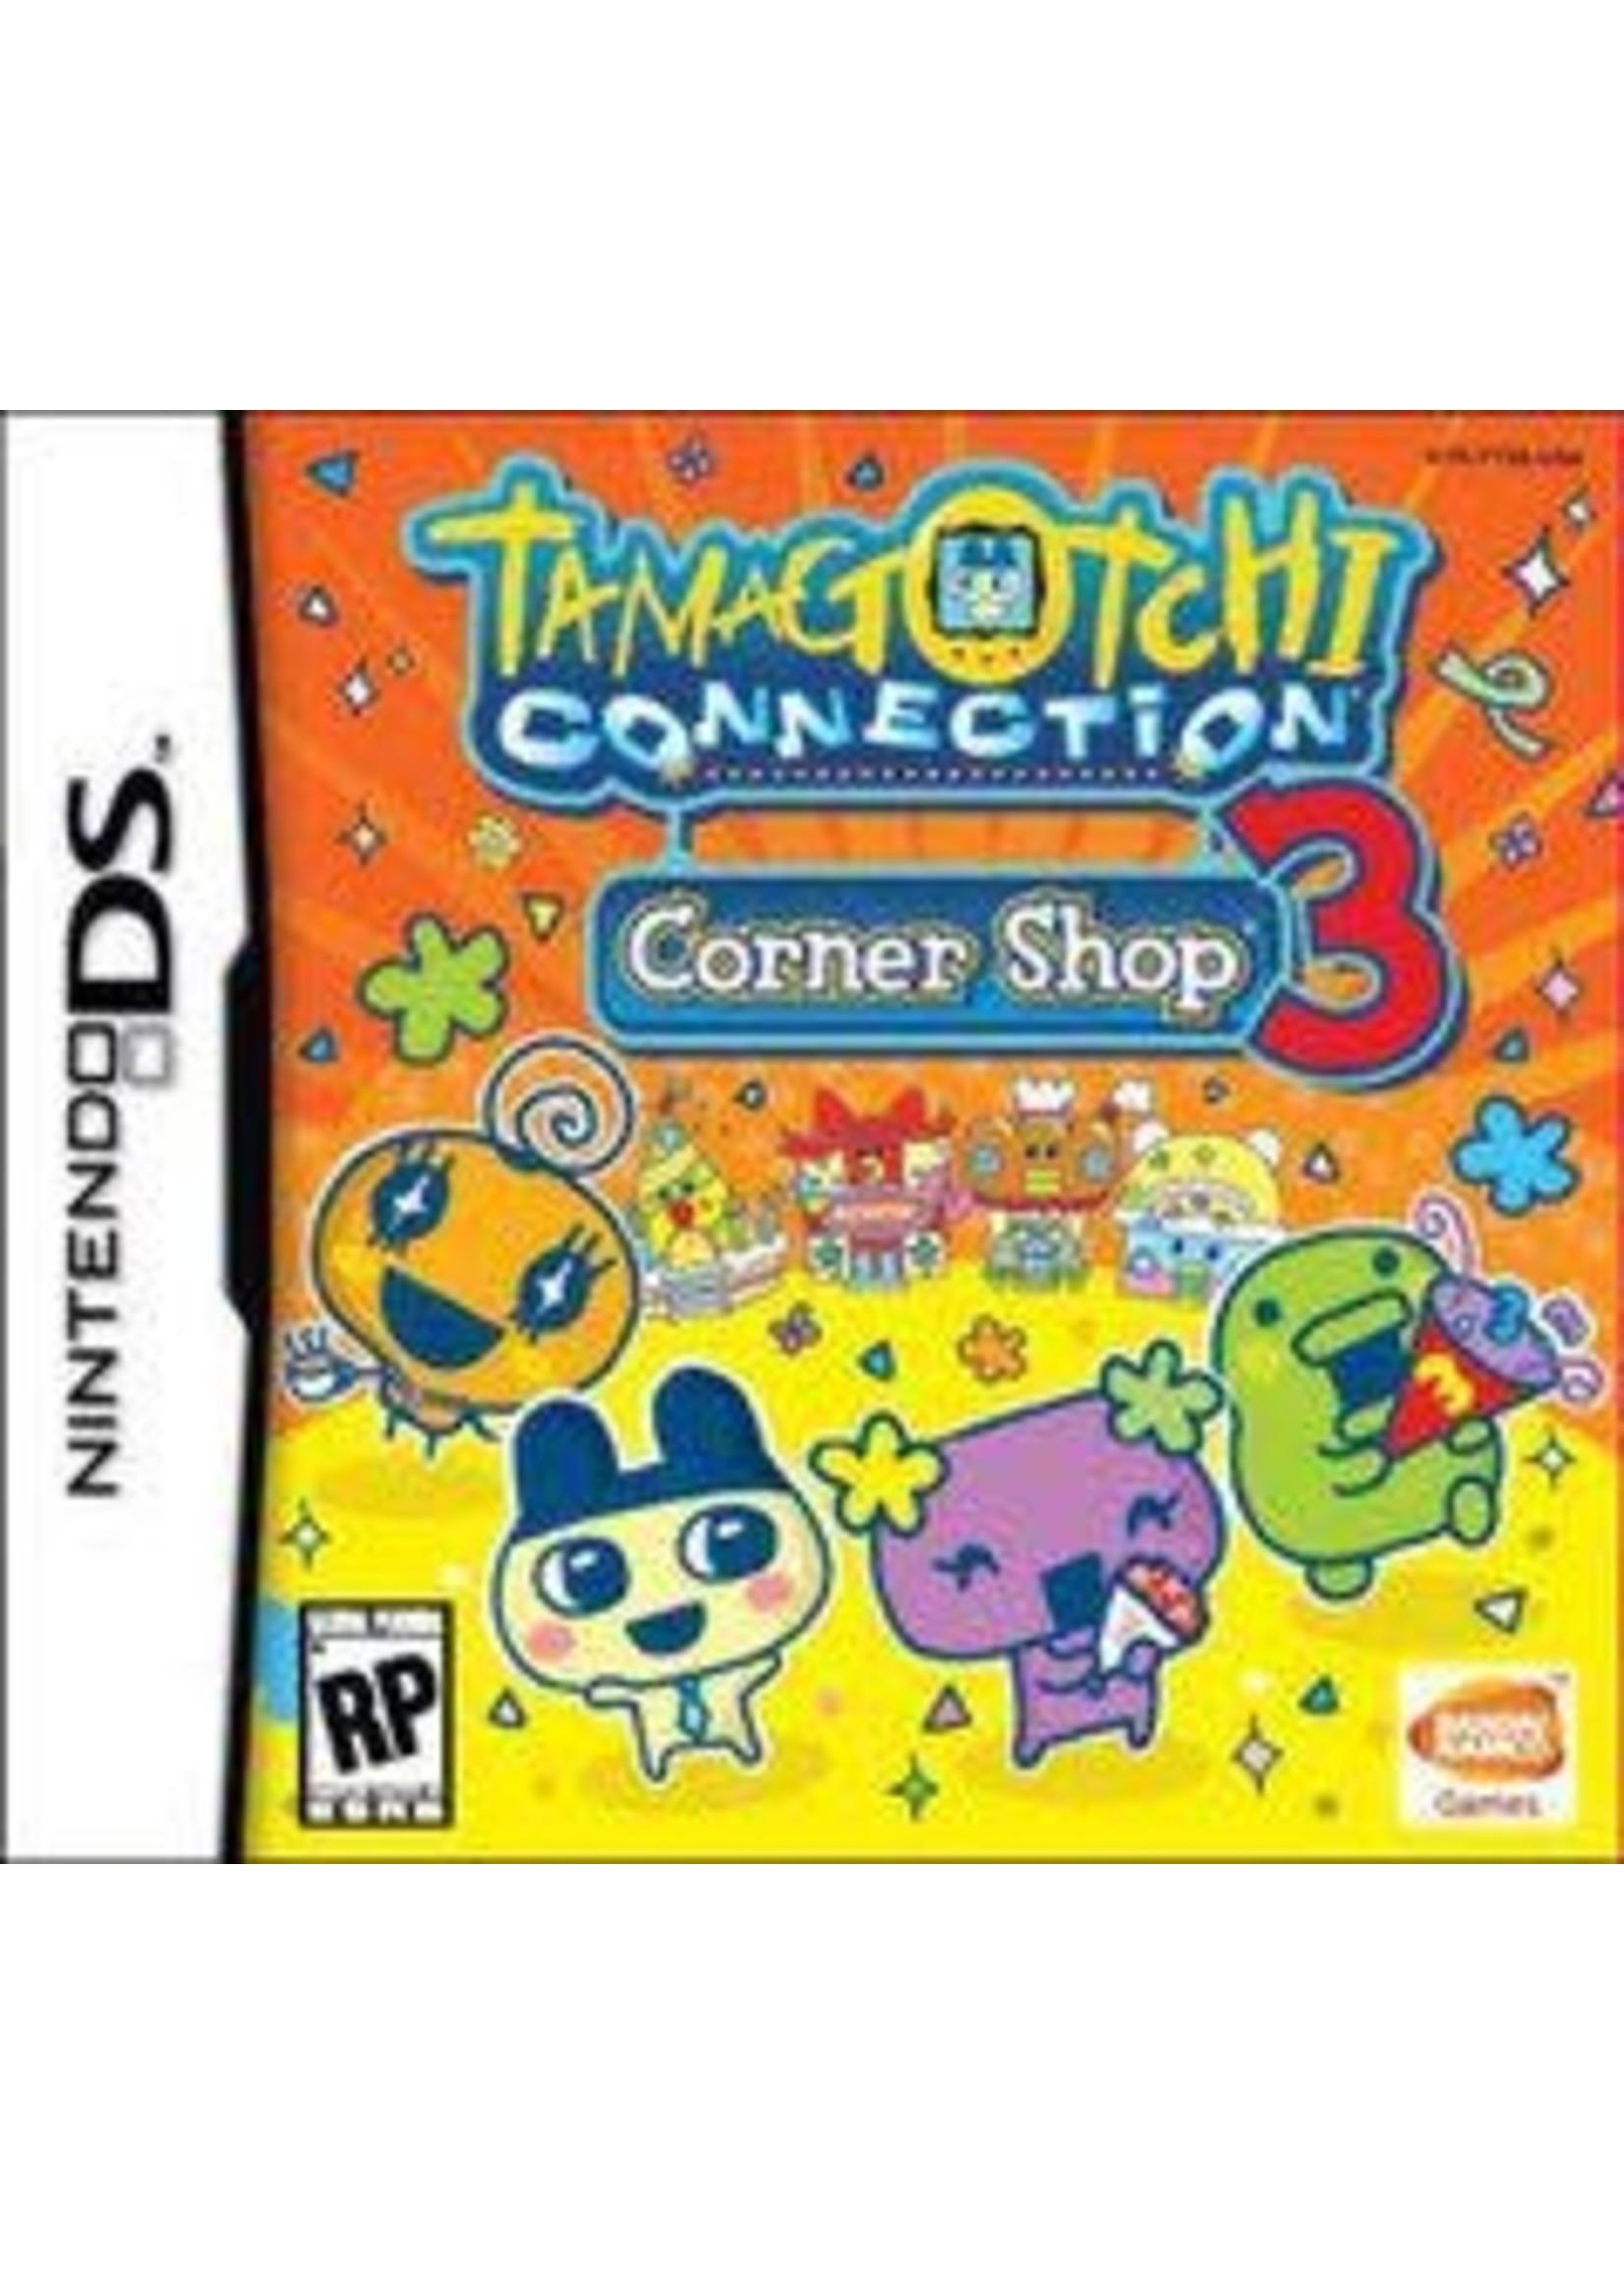 Tamagotchi Connection Corner Shop 3 Nintendo DS